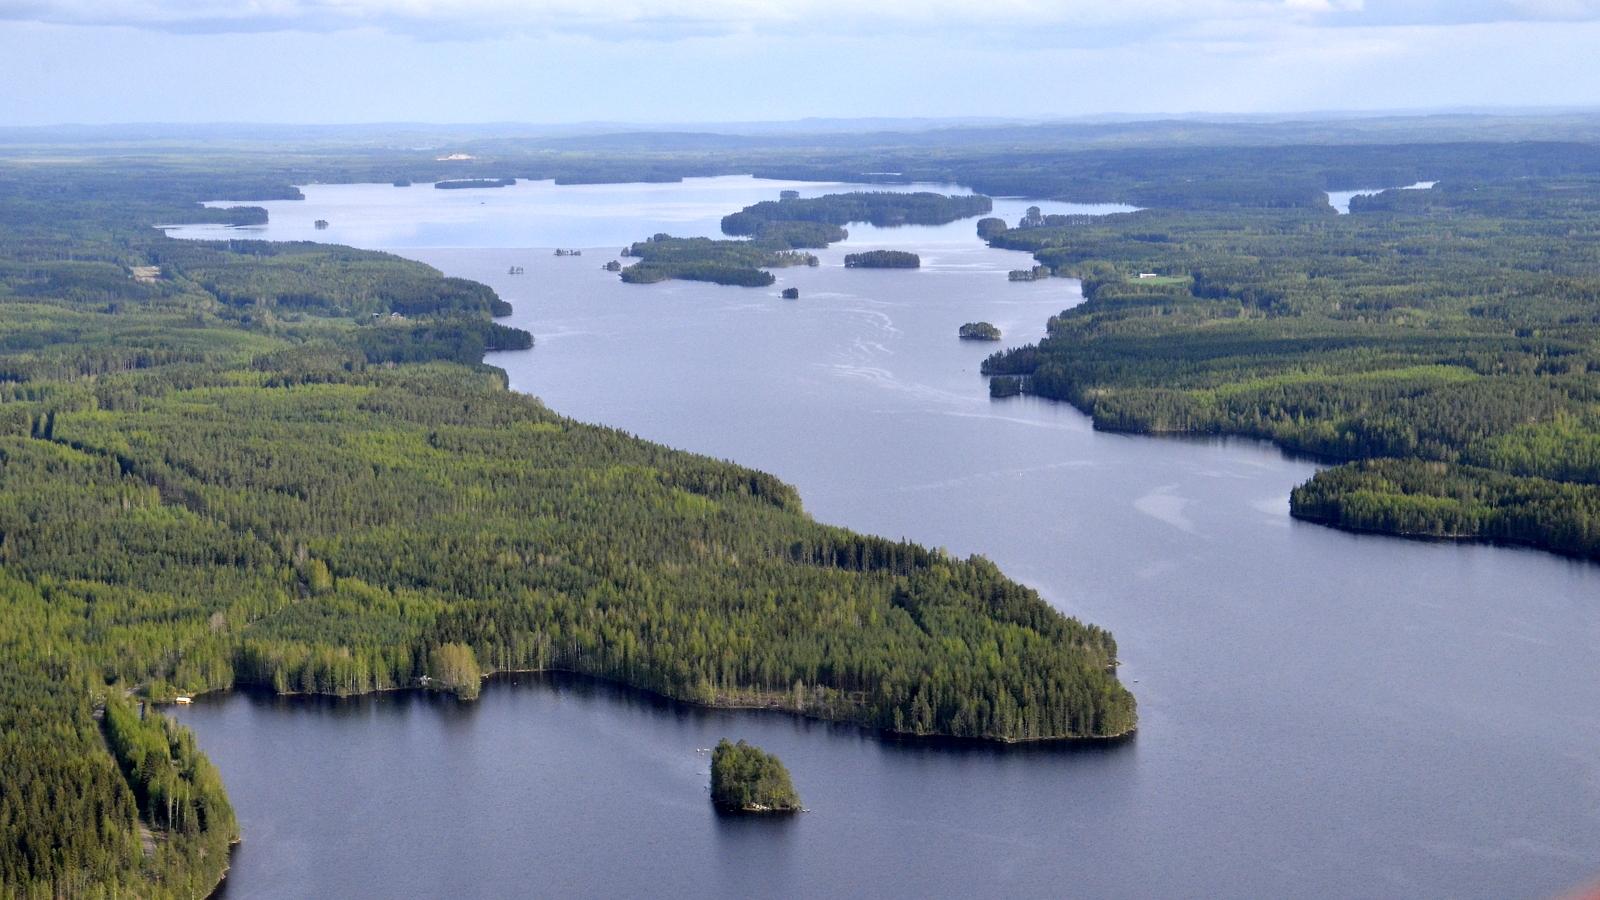 Lahoniemi Tohmokylän päältä kuvattuna. Taustalla Matoselkä ja Kolimanpää.